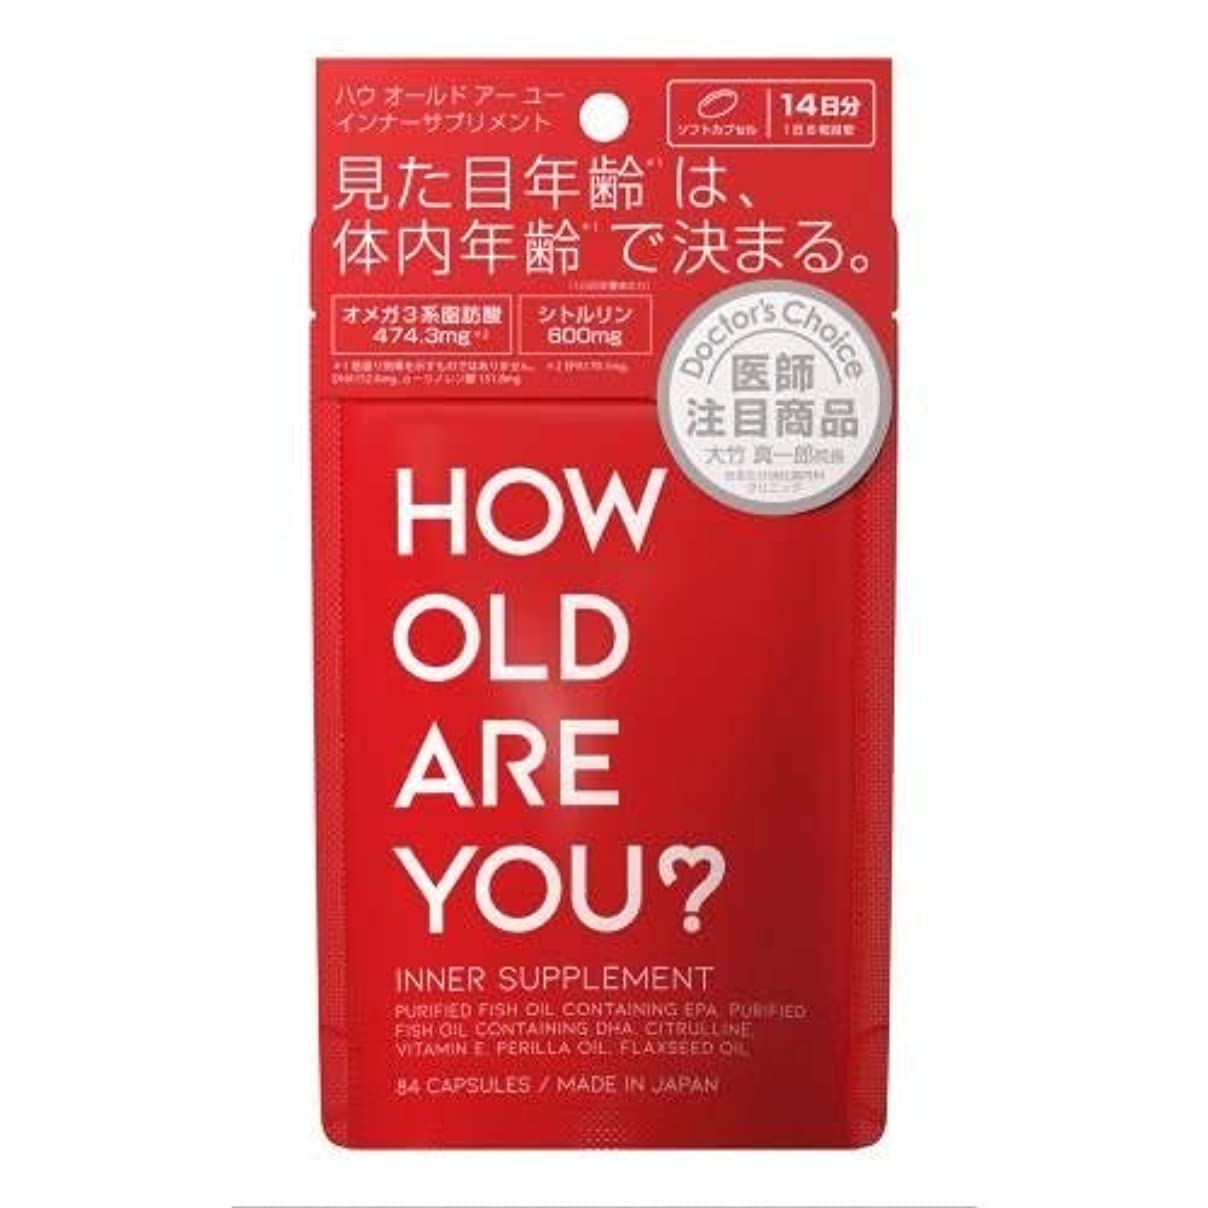 遠え改修行為【2個セット】HOW OLD ARE YOU?インナーサプリメント 84粒